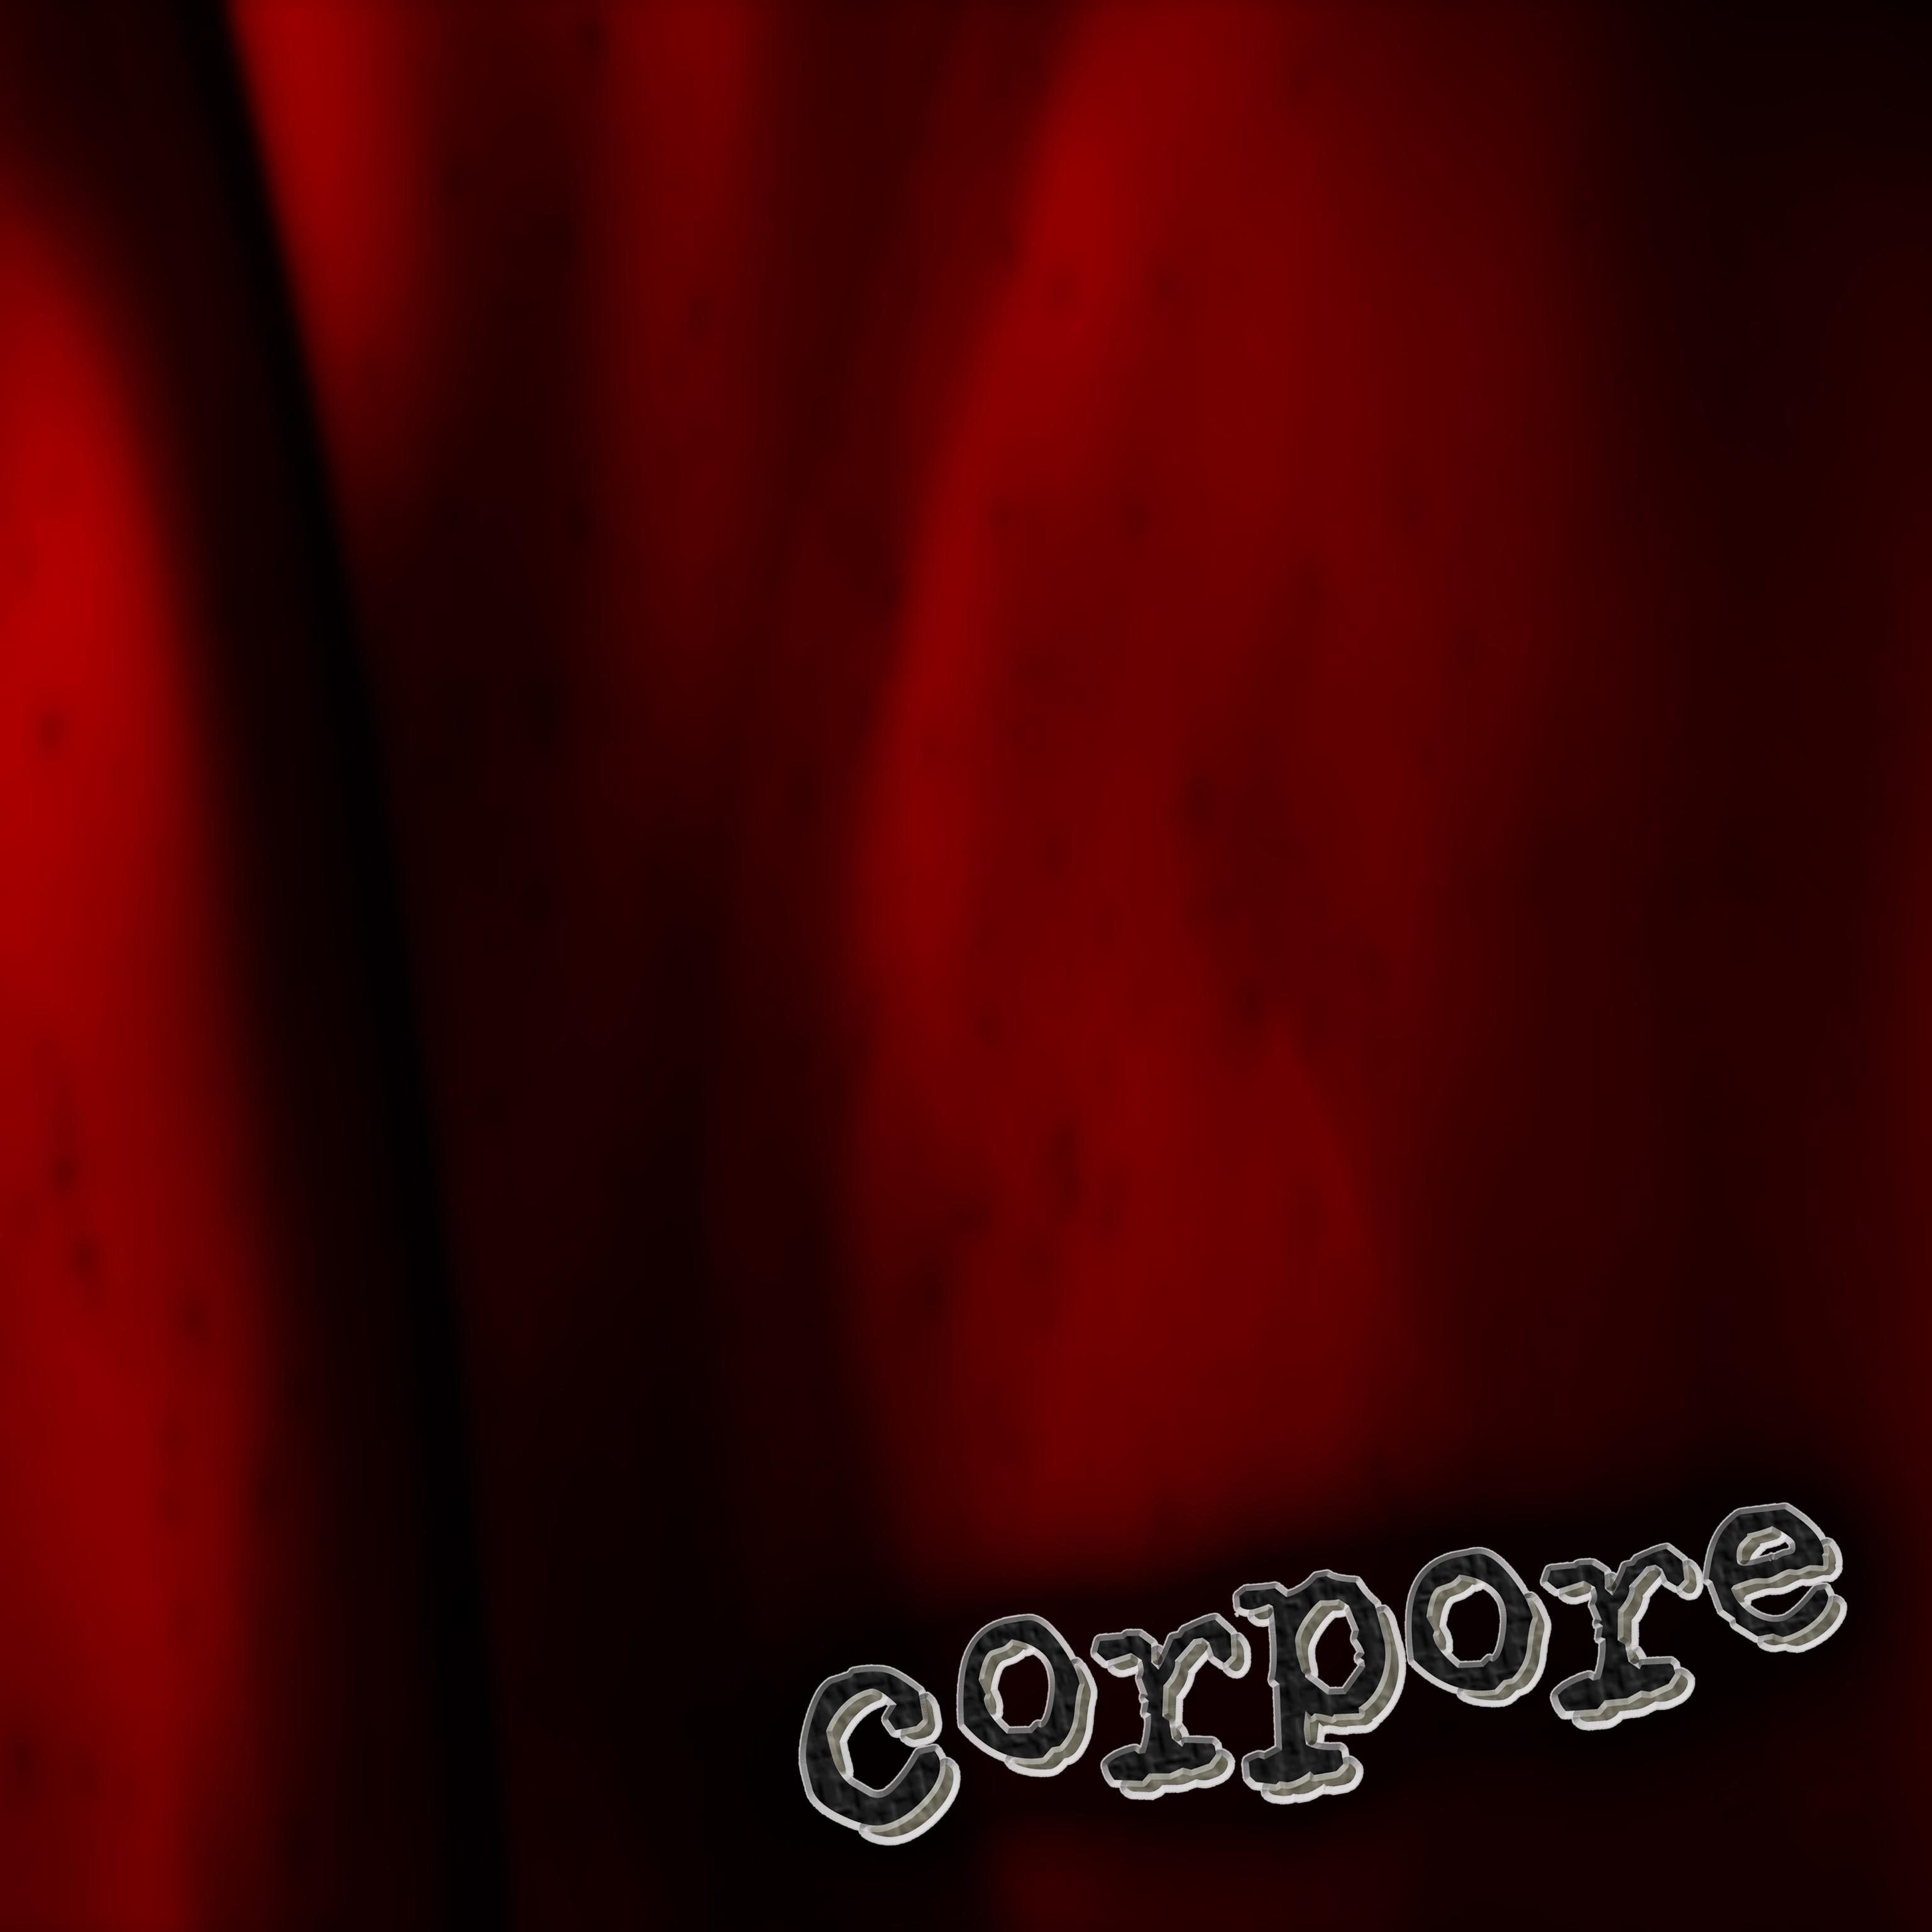 Corpore - Corpore